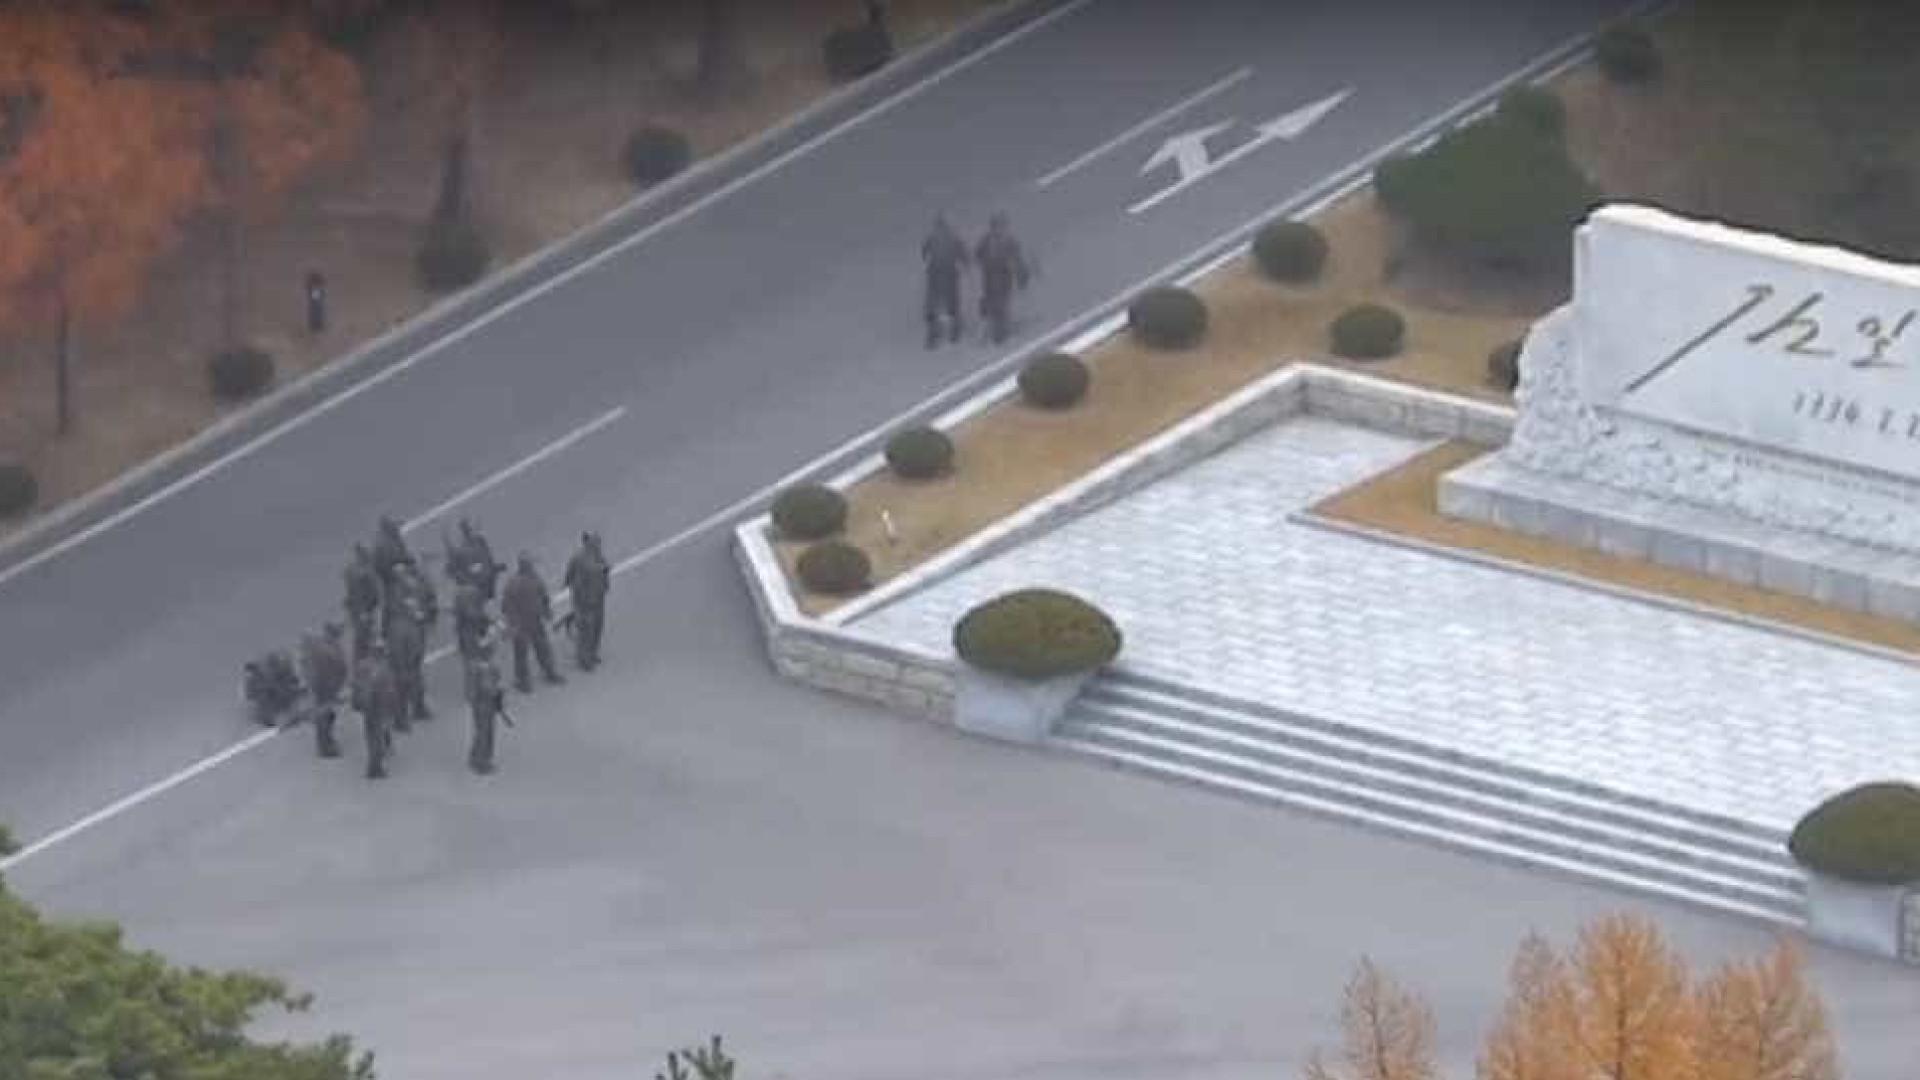 A deserção de um soldado norte-coreano enquanto é baleado pelos colegas